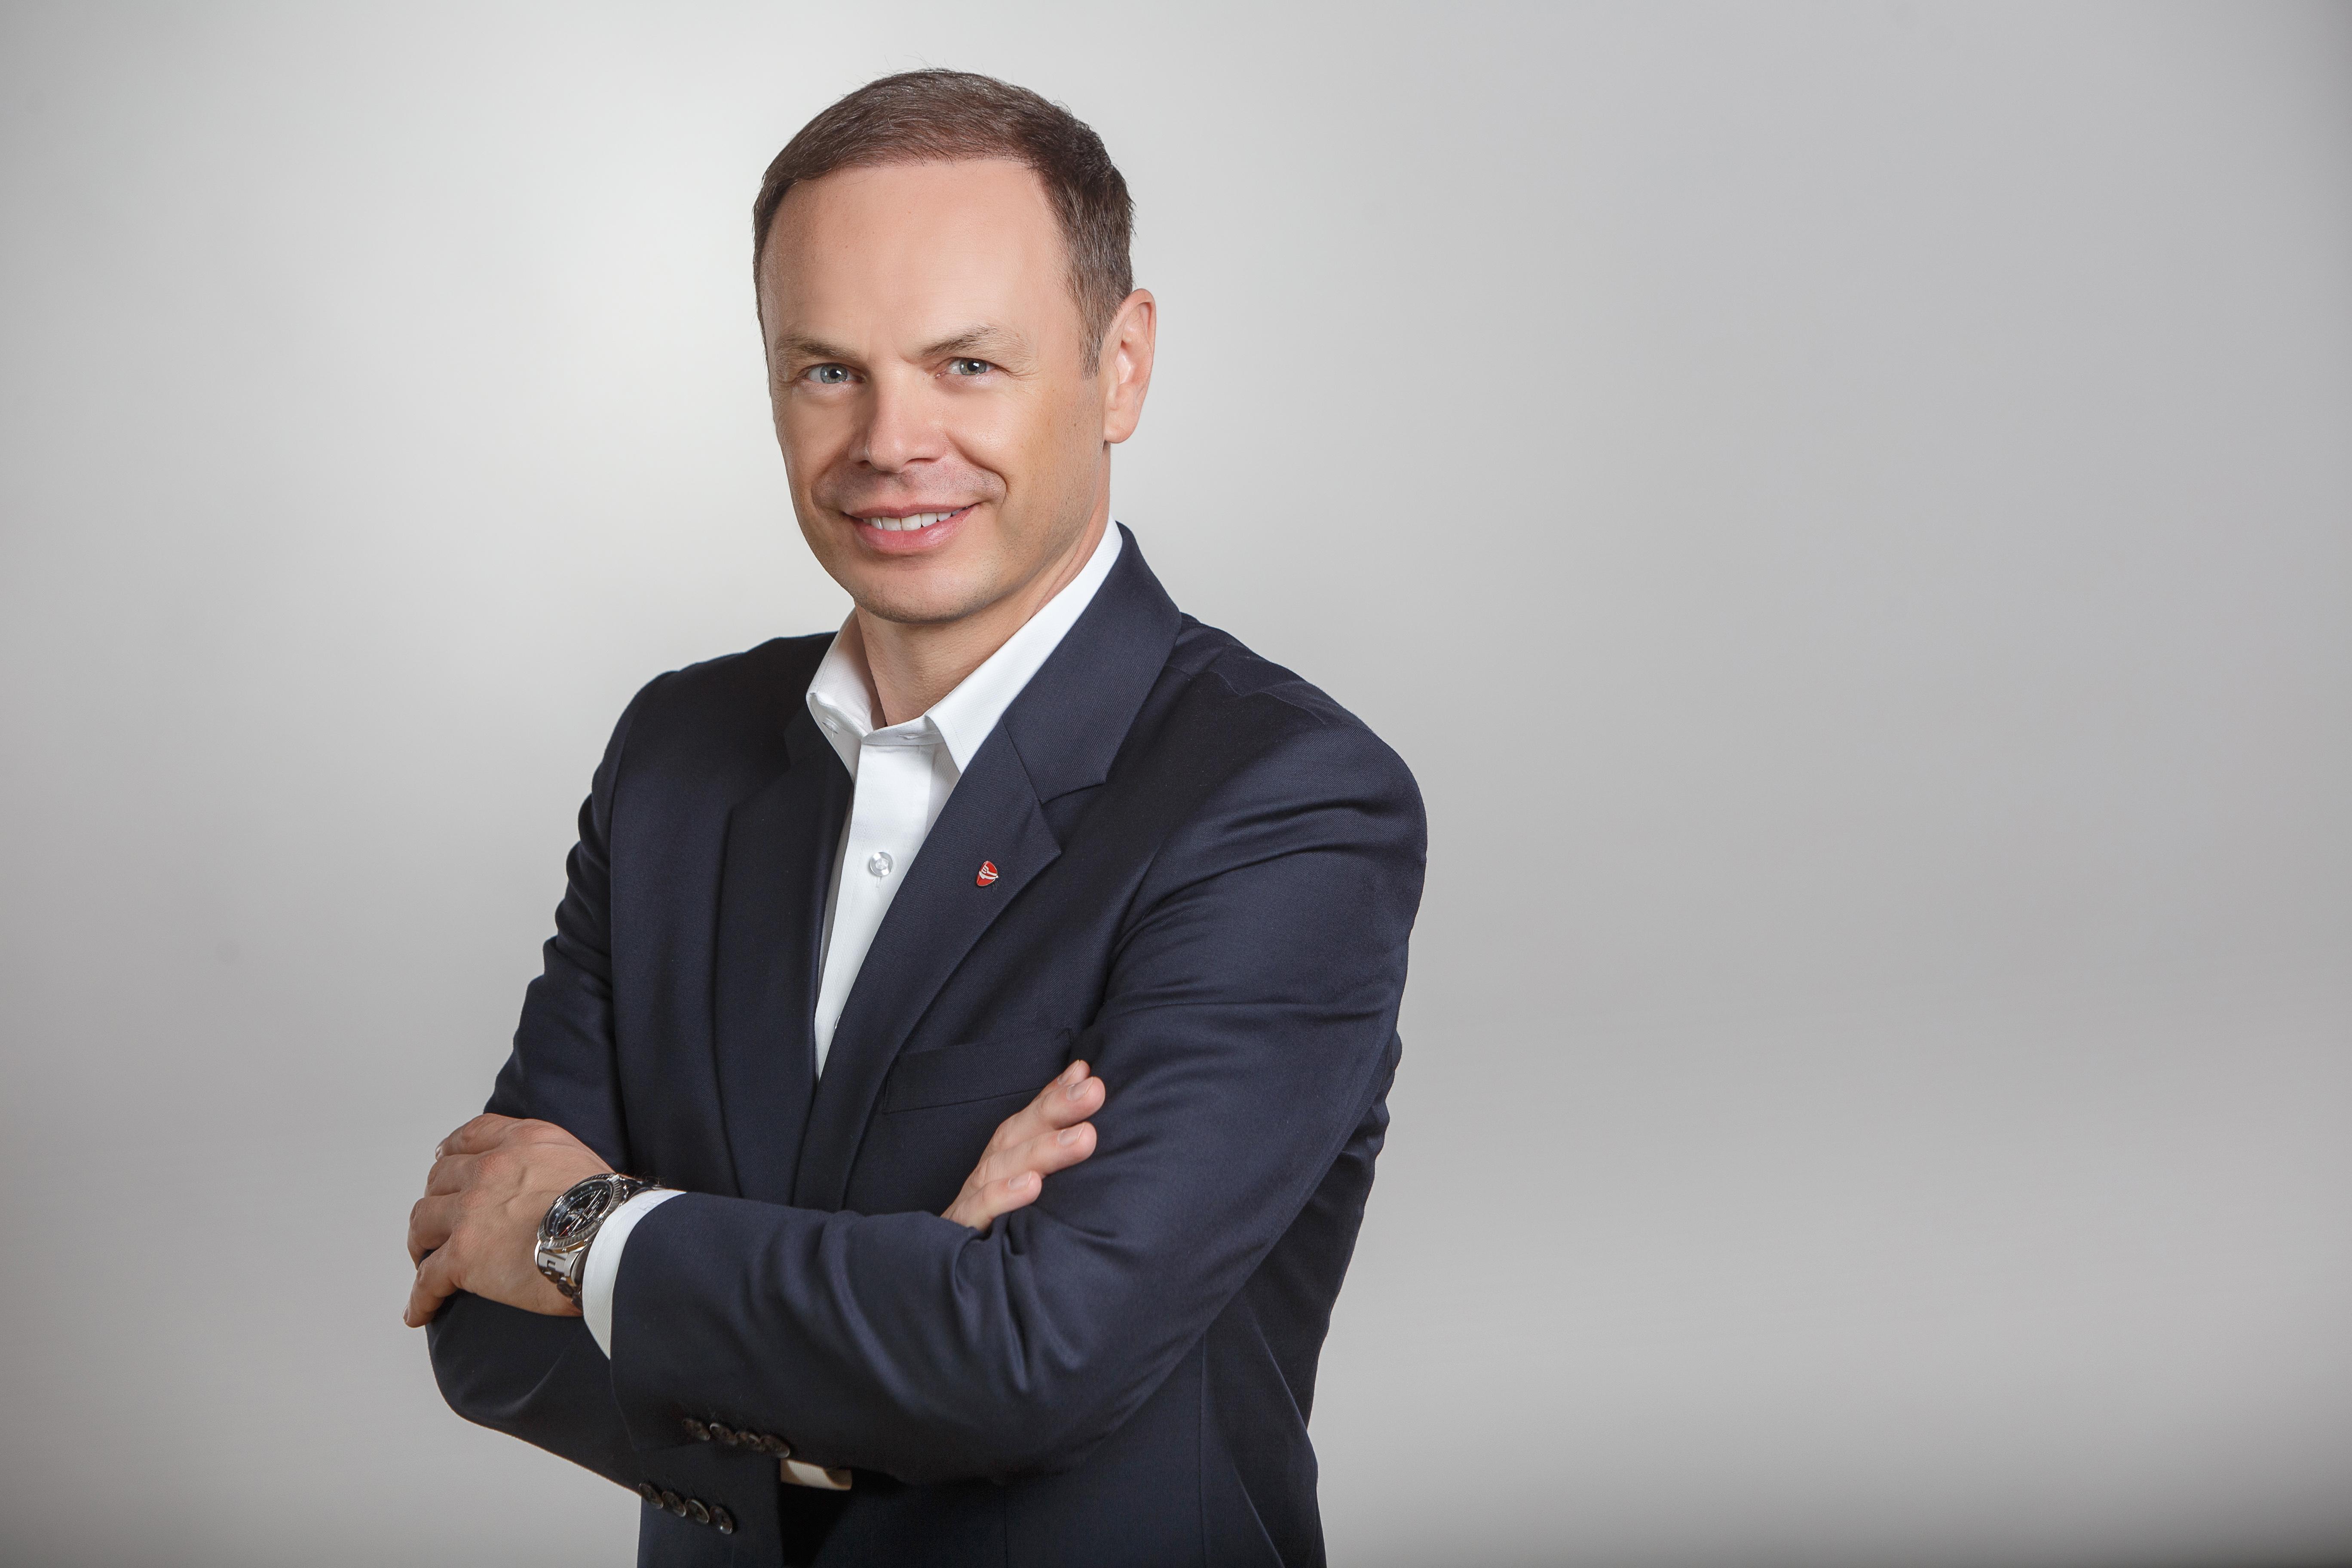 INTERVIU Robert Hellwagner, CEO Selgros, despre digitalizare și experiențe în retail